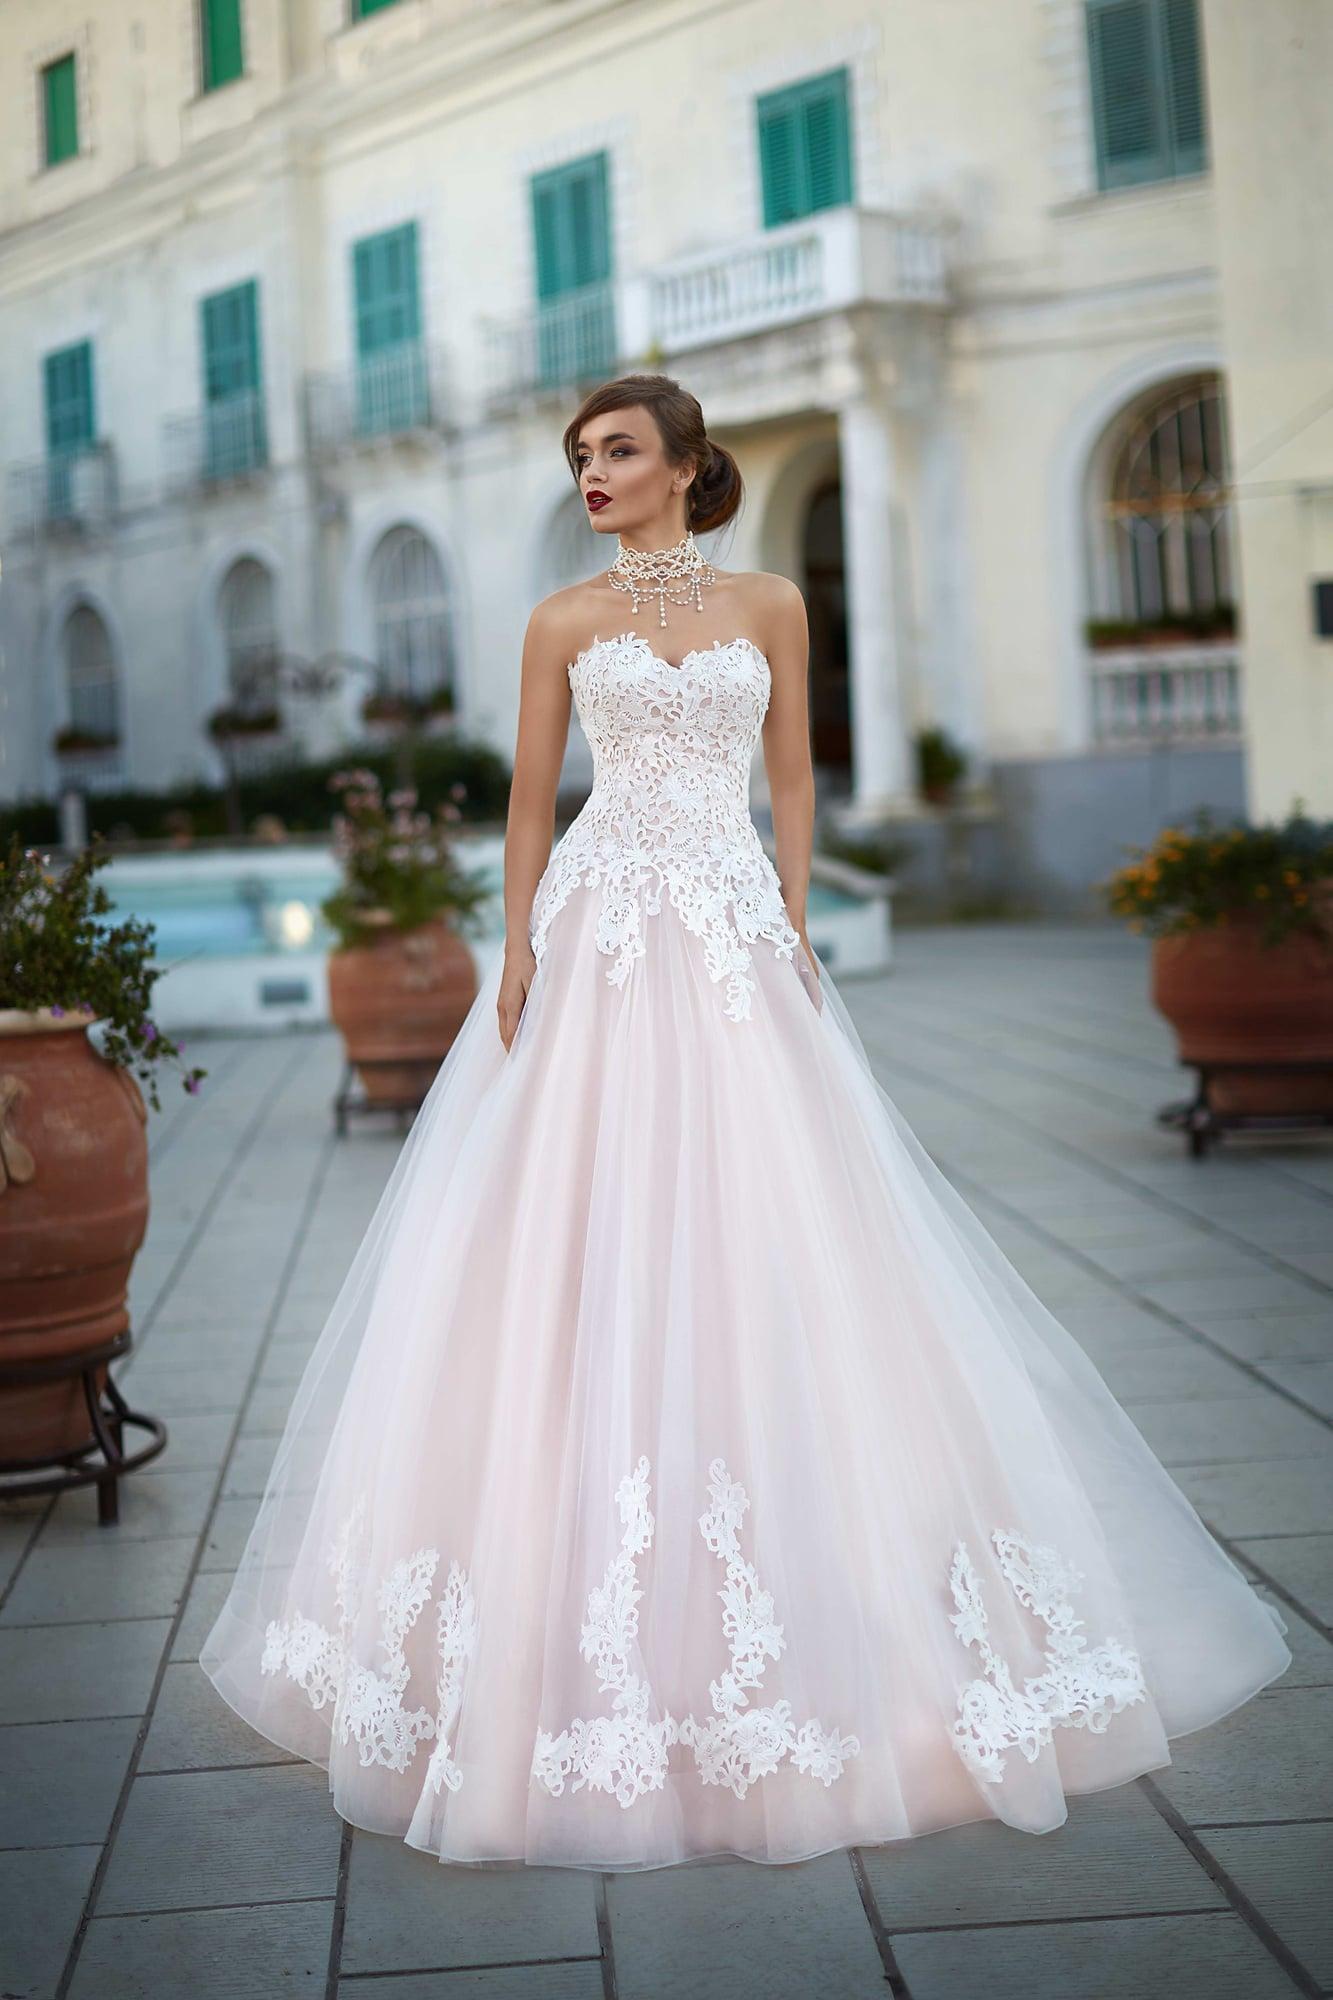 d4c7f3ffa77de9e Роскошное свадебное платье розового цвета с открытым белым корсетом,  покрытым кружевом.